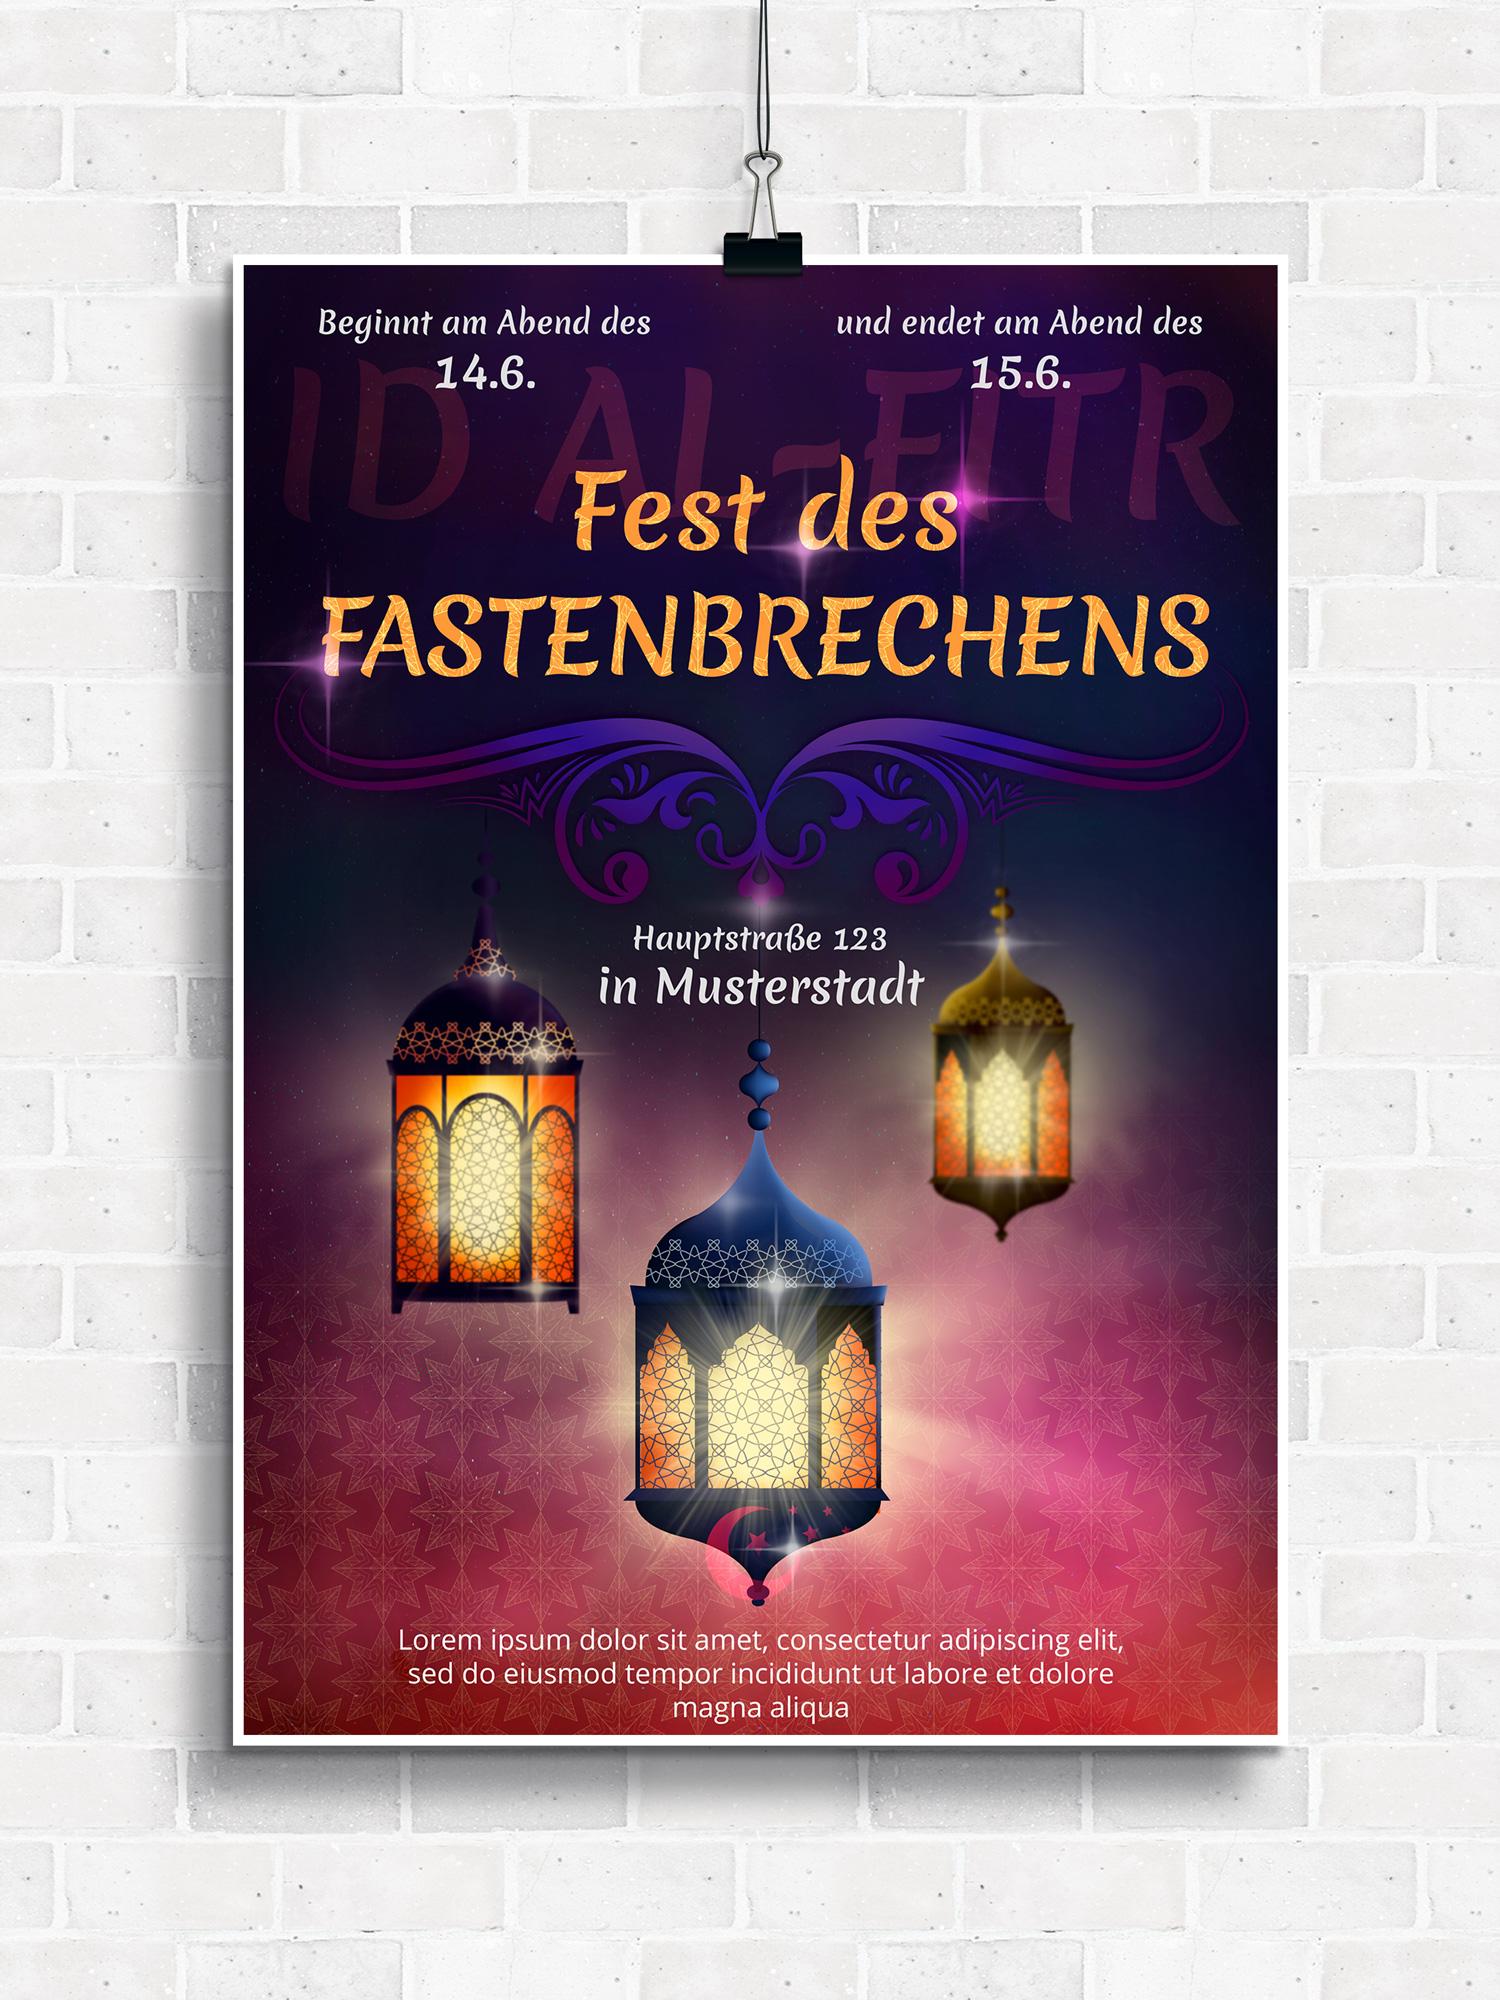 Plakat für Fest des Fastenbrechens